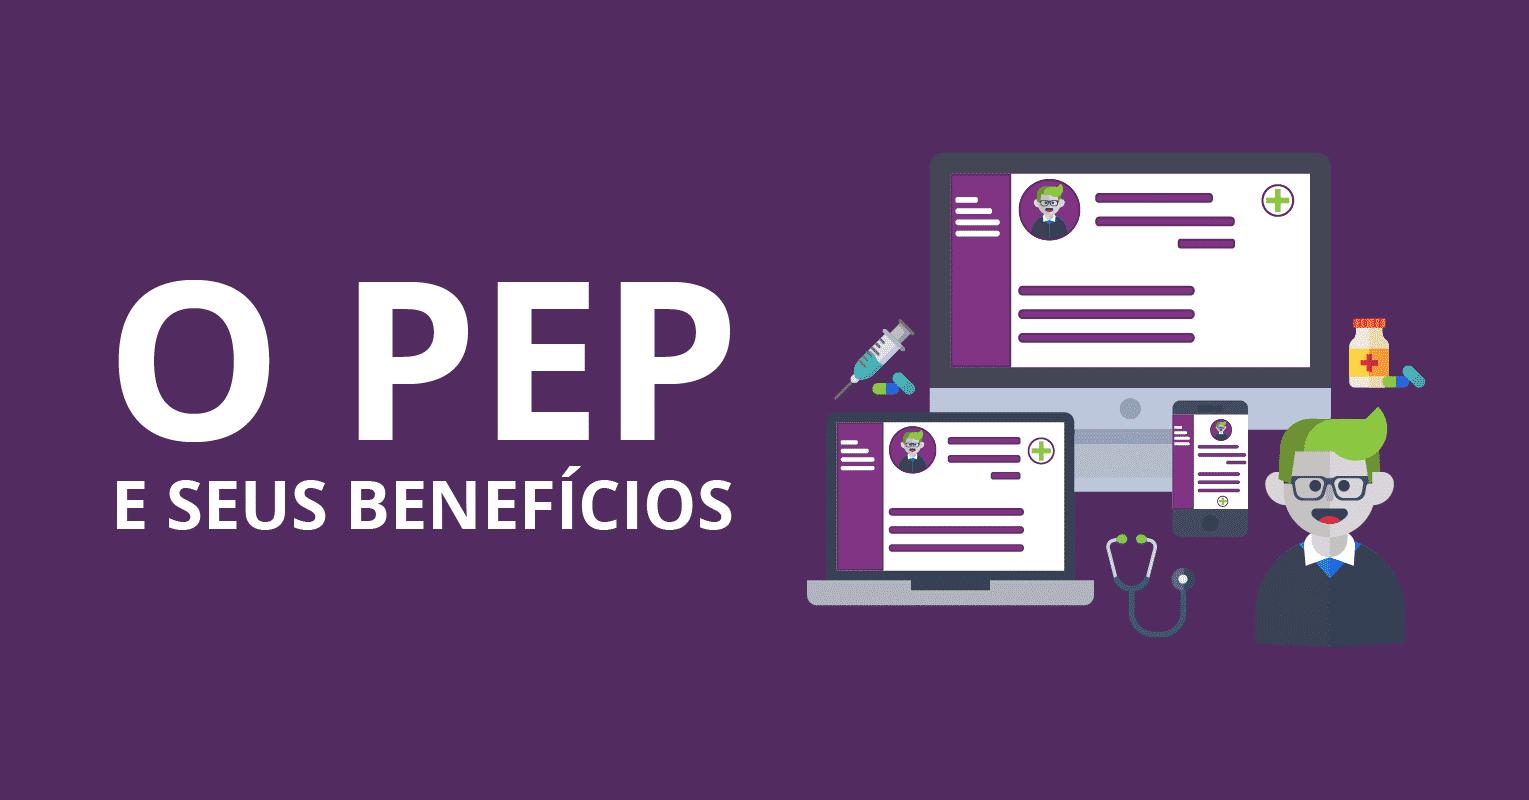 Benefícios do PEP